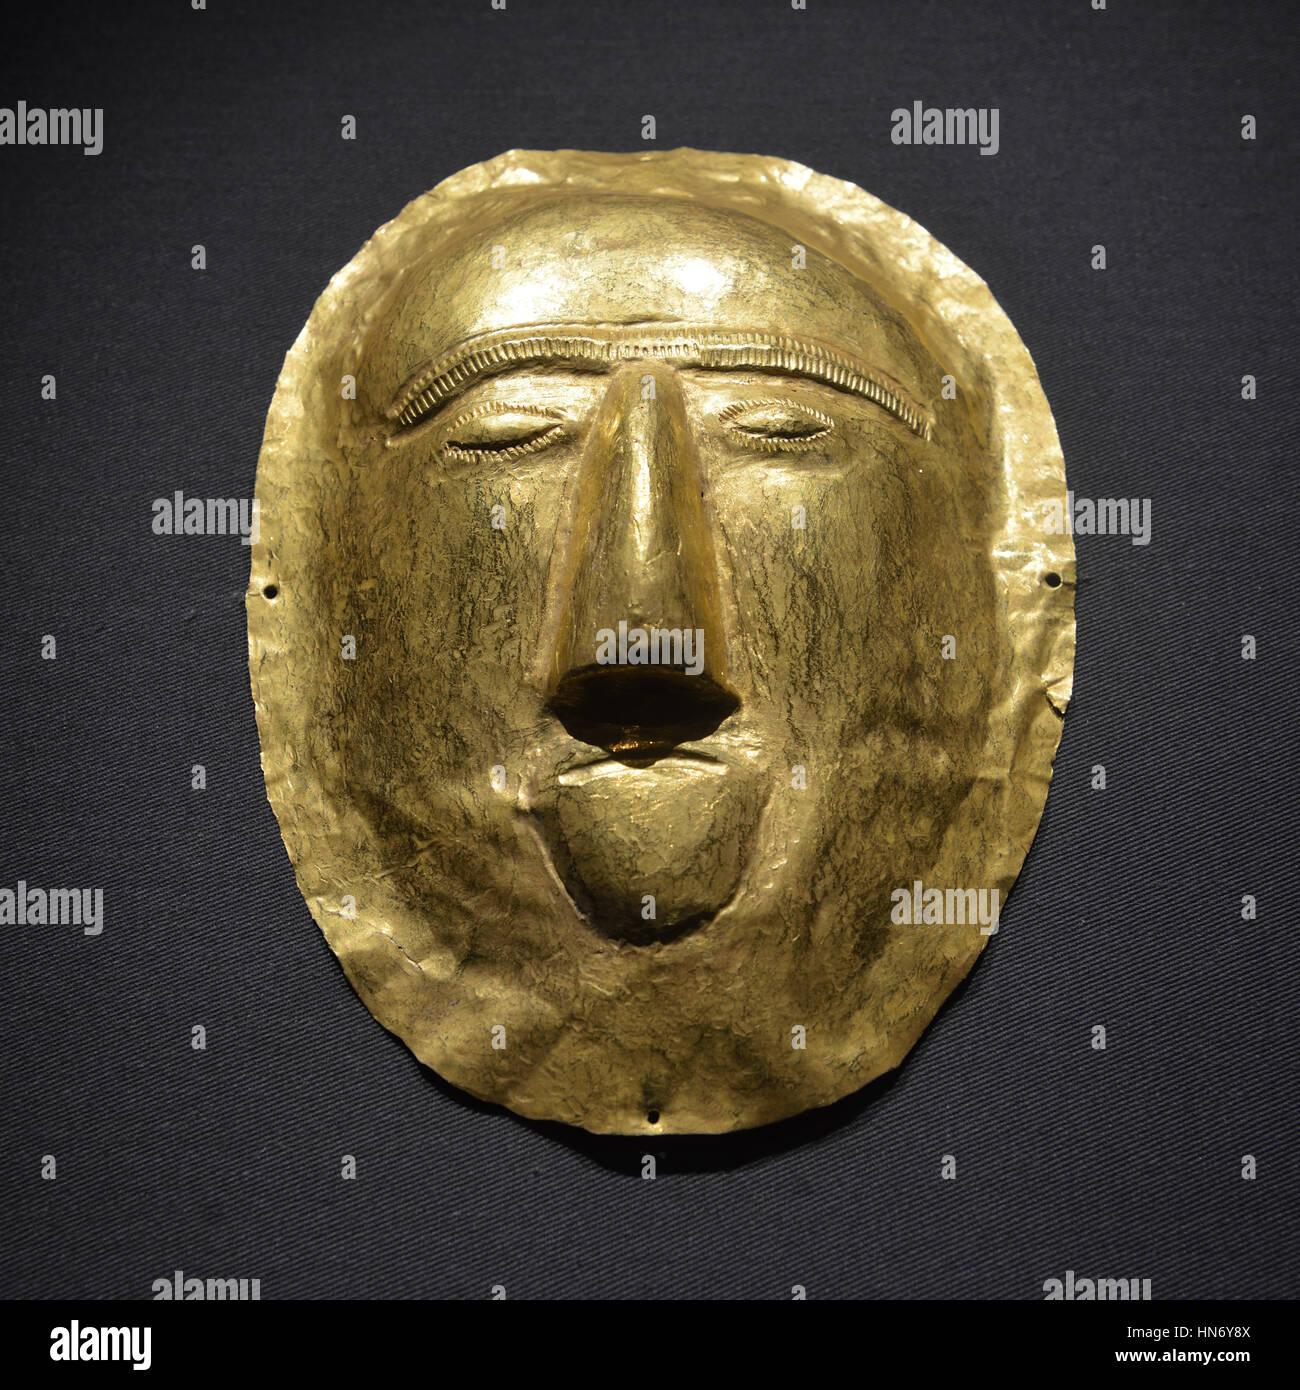 Máscara funeraria. Thaj, Tell al-Zayer. En el siglo I EC. Oro. Museo Nacional, Riad. Arabia Saudita. Imagen De Stock